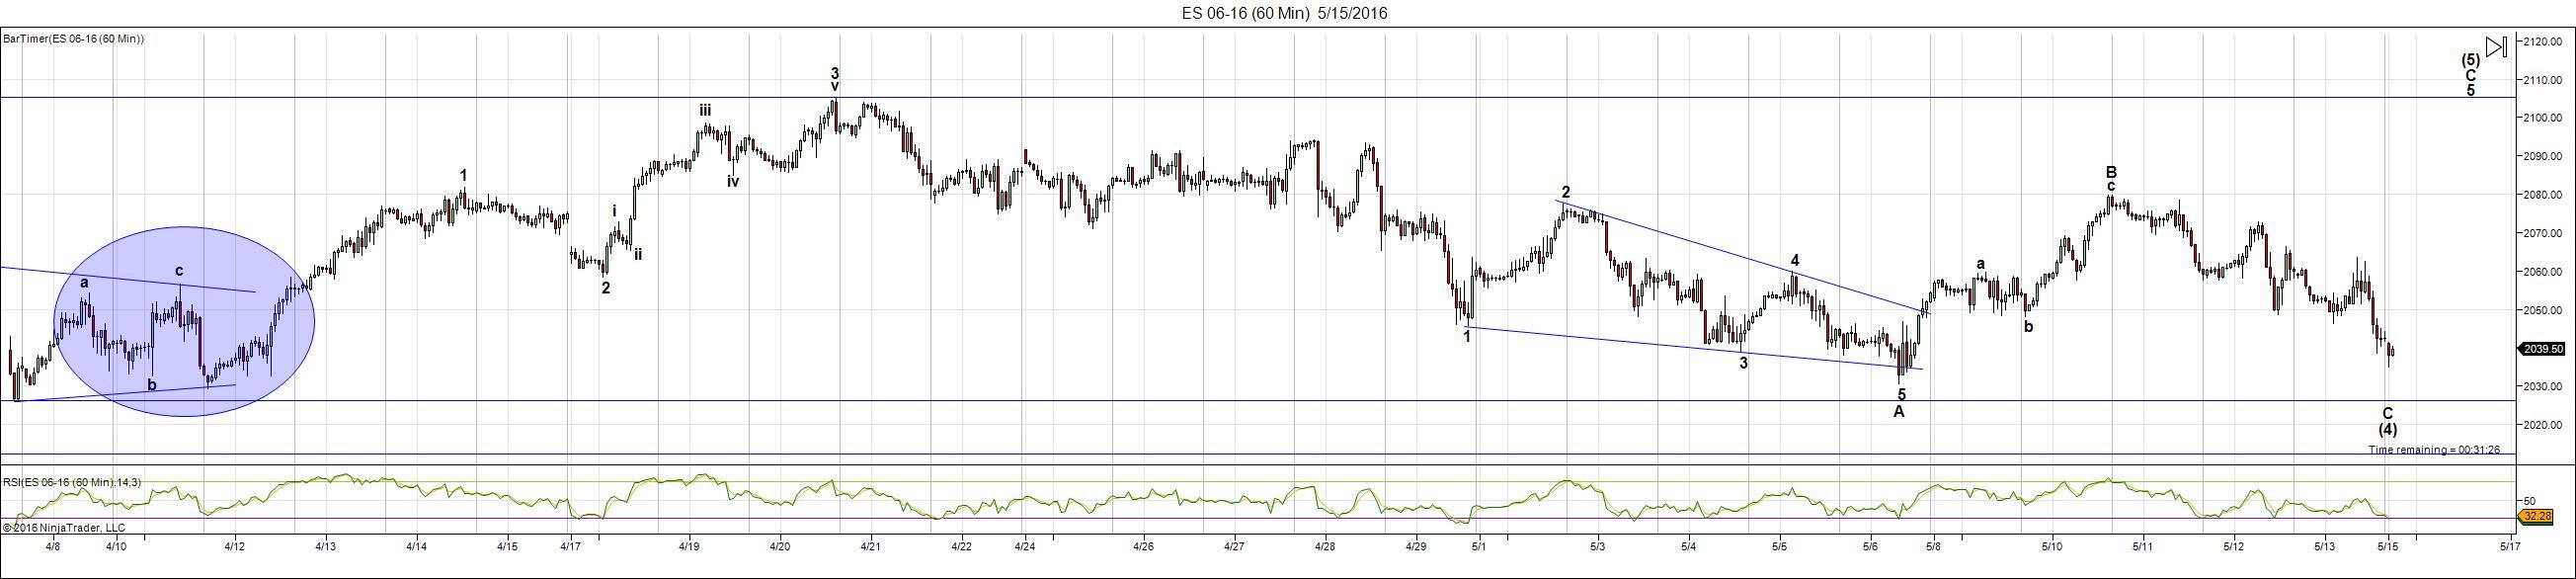 ES 06-16 (60 Min) 5_15_2016